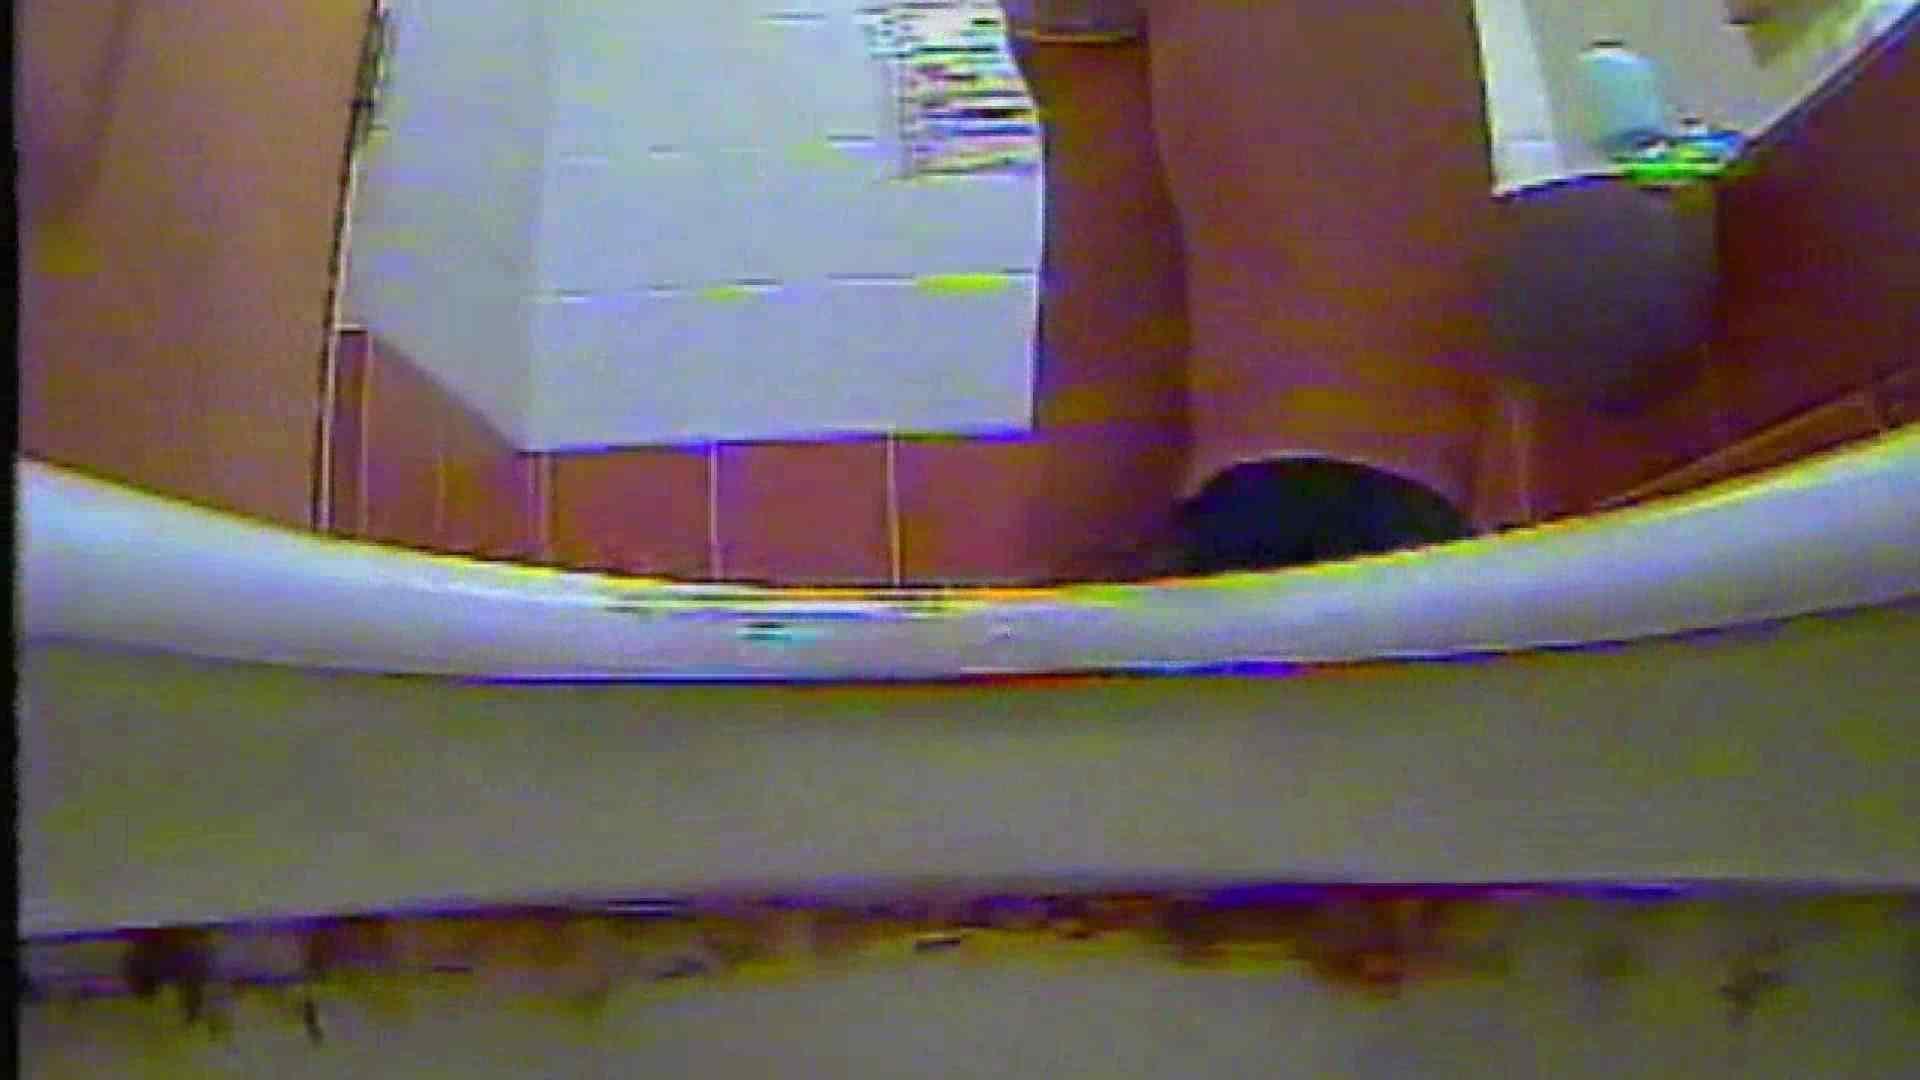 キレカワ女子大生の秘密の洗面所!Vol.048 洗面所 | OLの実態  21pic 9